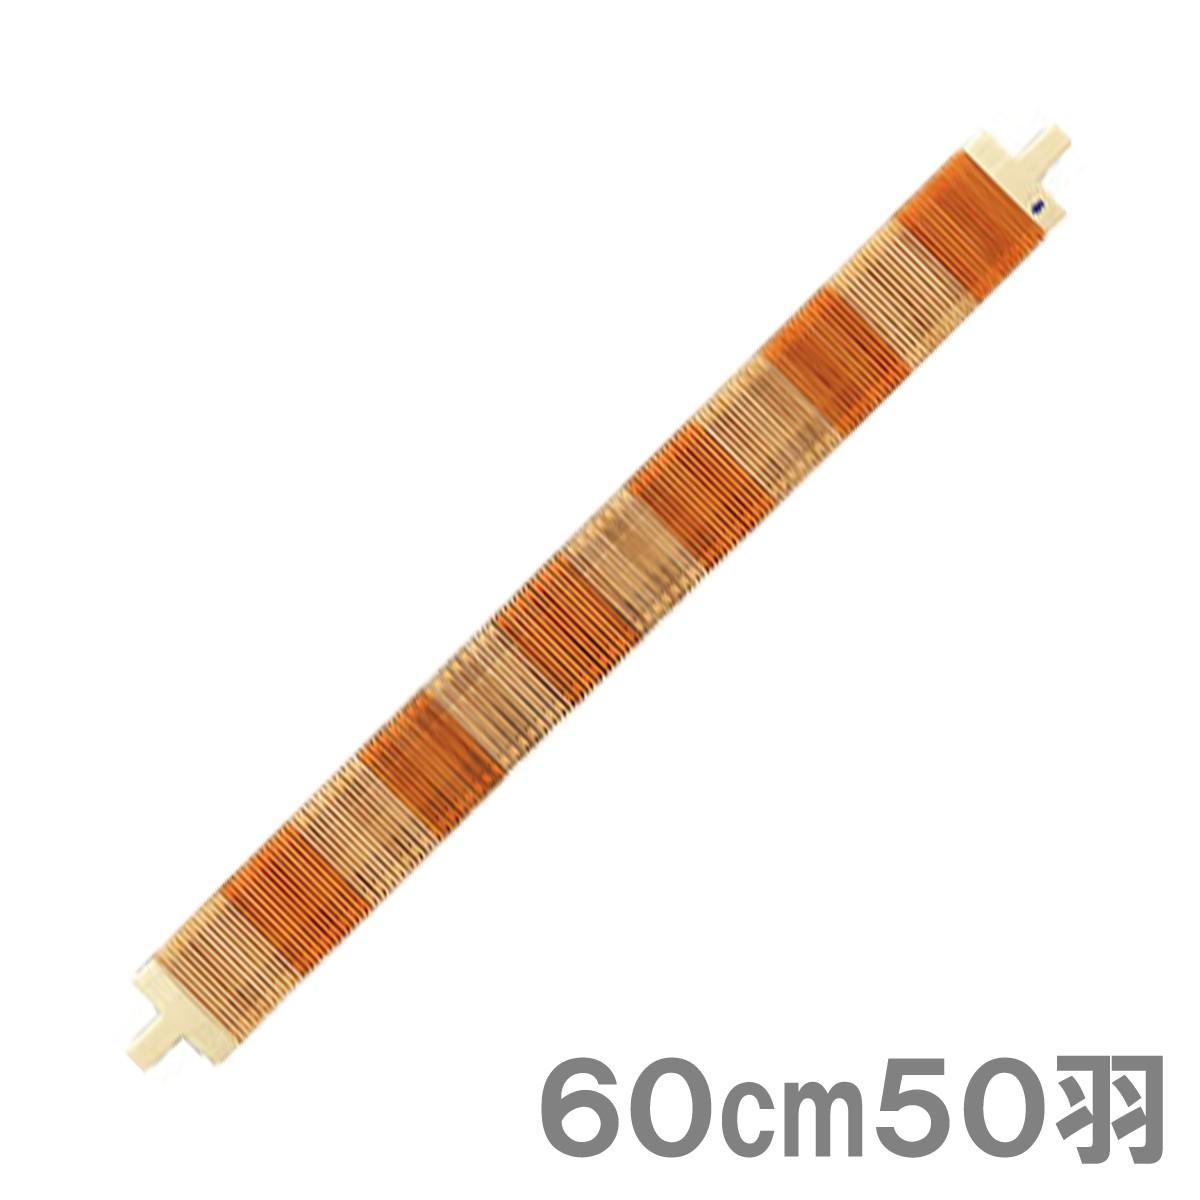 咲きおり 綜絖 60cm 50羽 【 織機 織り機 機織り 織物 手織り 】